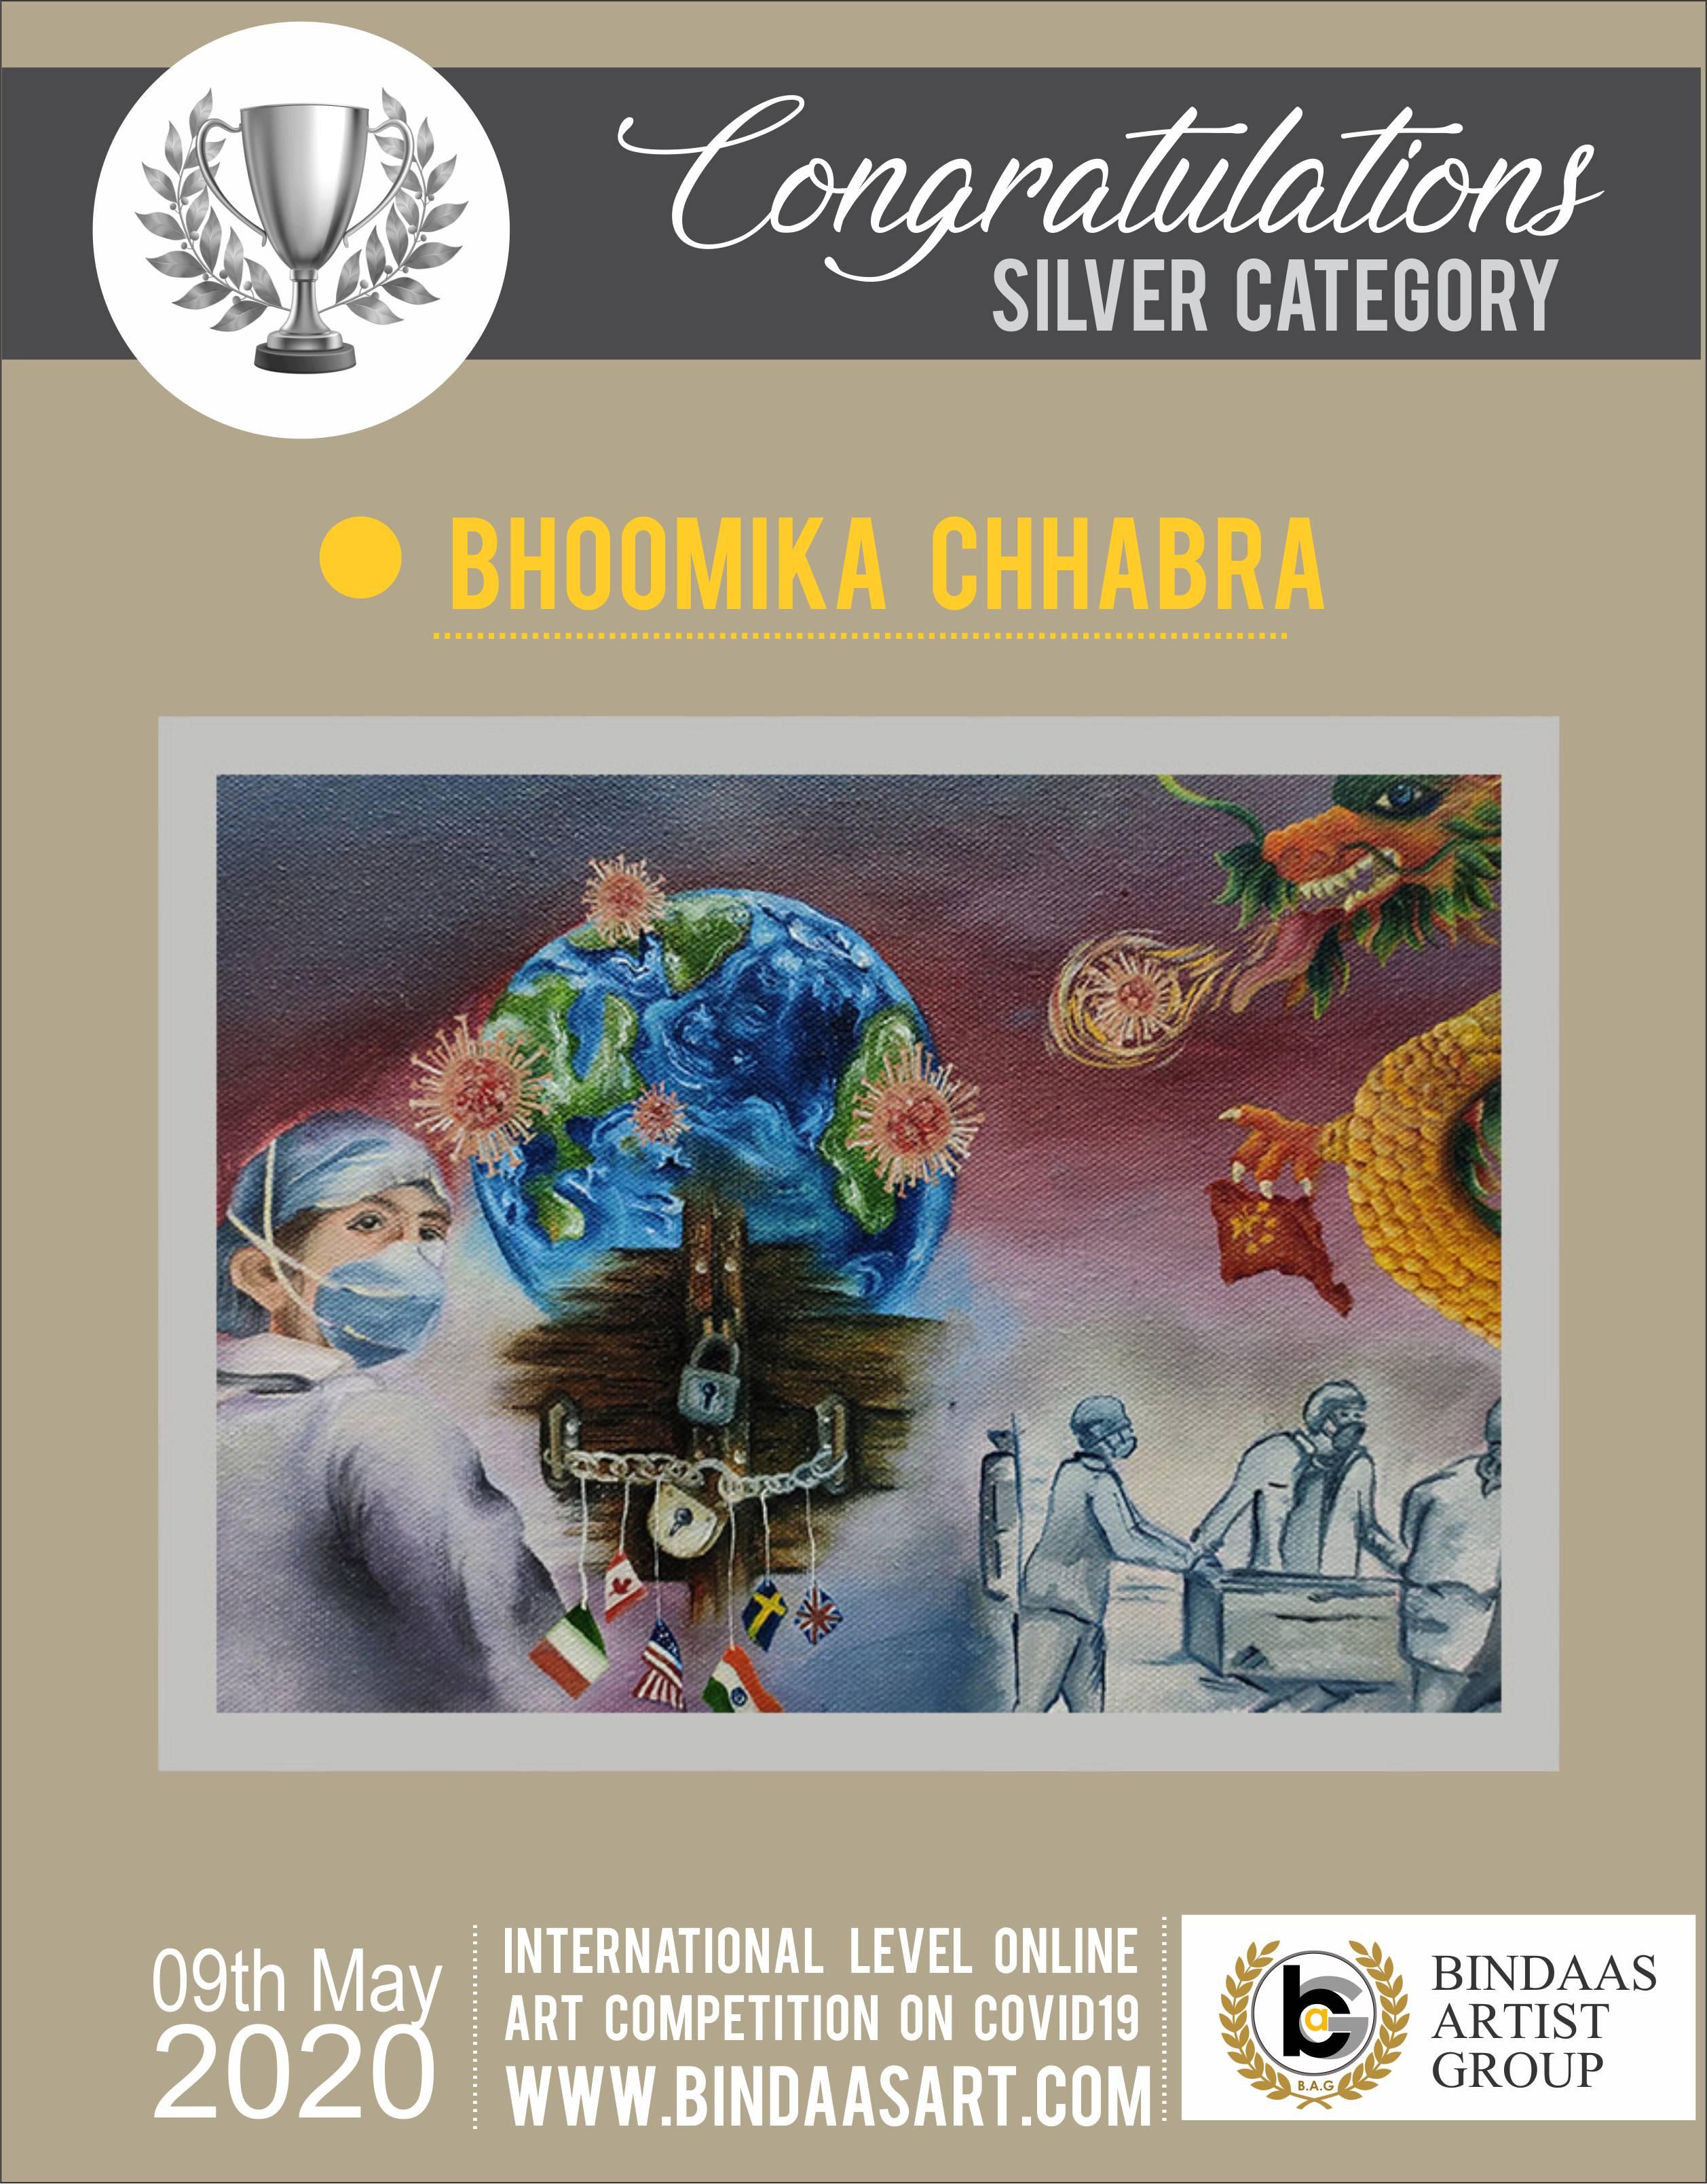 Bhoomika Chhabra